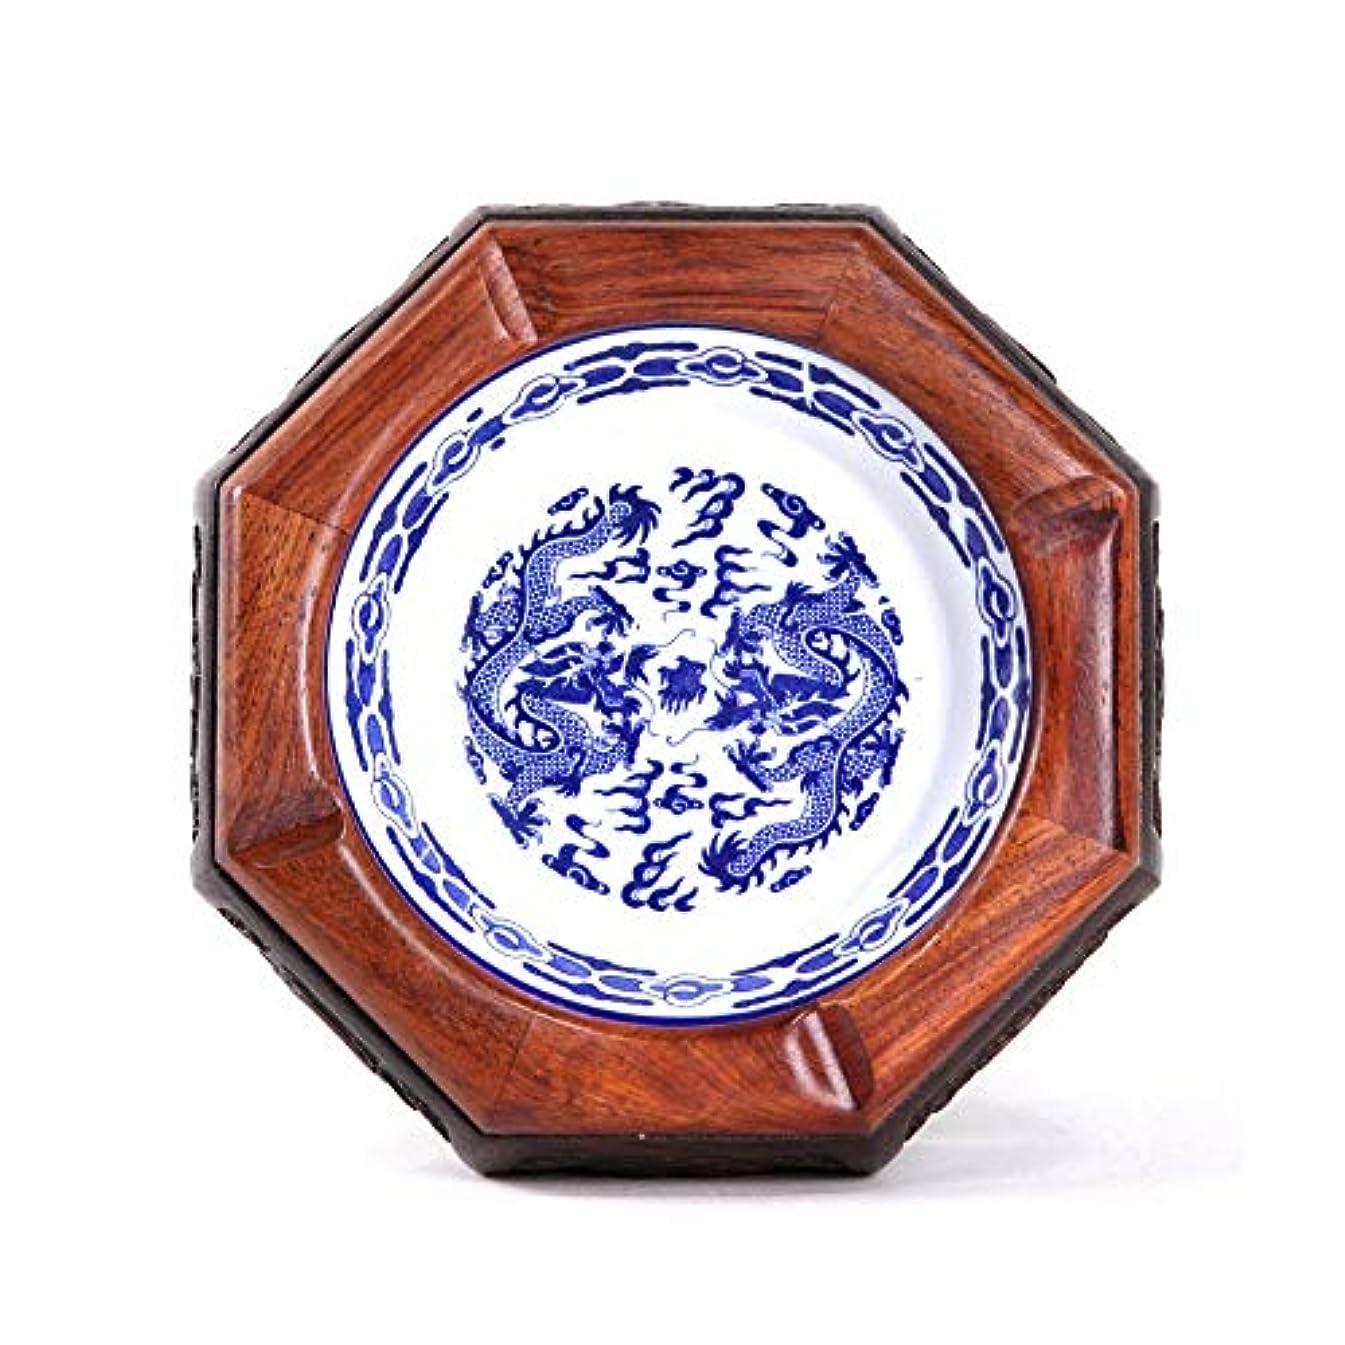 知り合いになる抜け目がない骨髄オフィスの居間の灰皿、中国のレトロな陶磁器並ぶ木製の灰皿、家の屋内と屋外の庭のエレガントな灰皿 (色 : L)